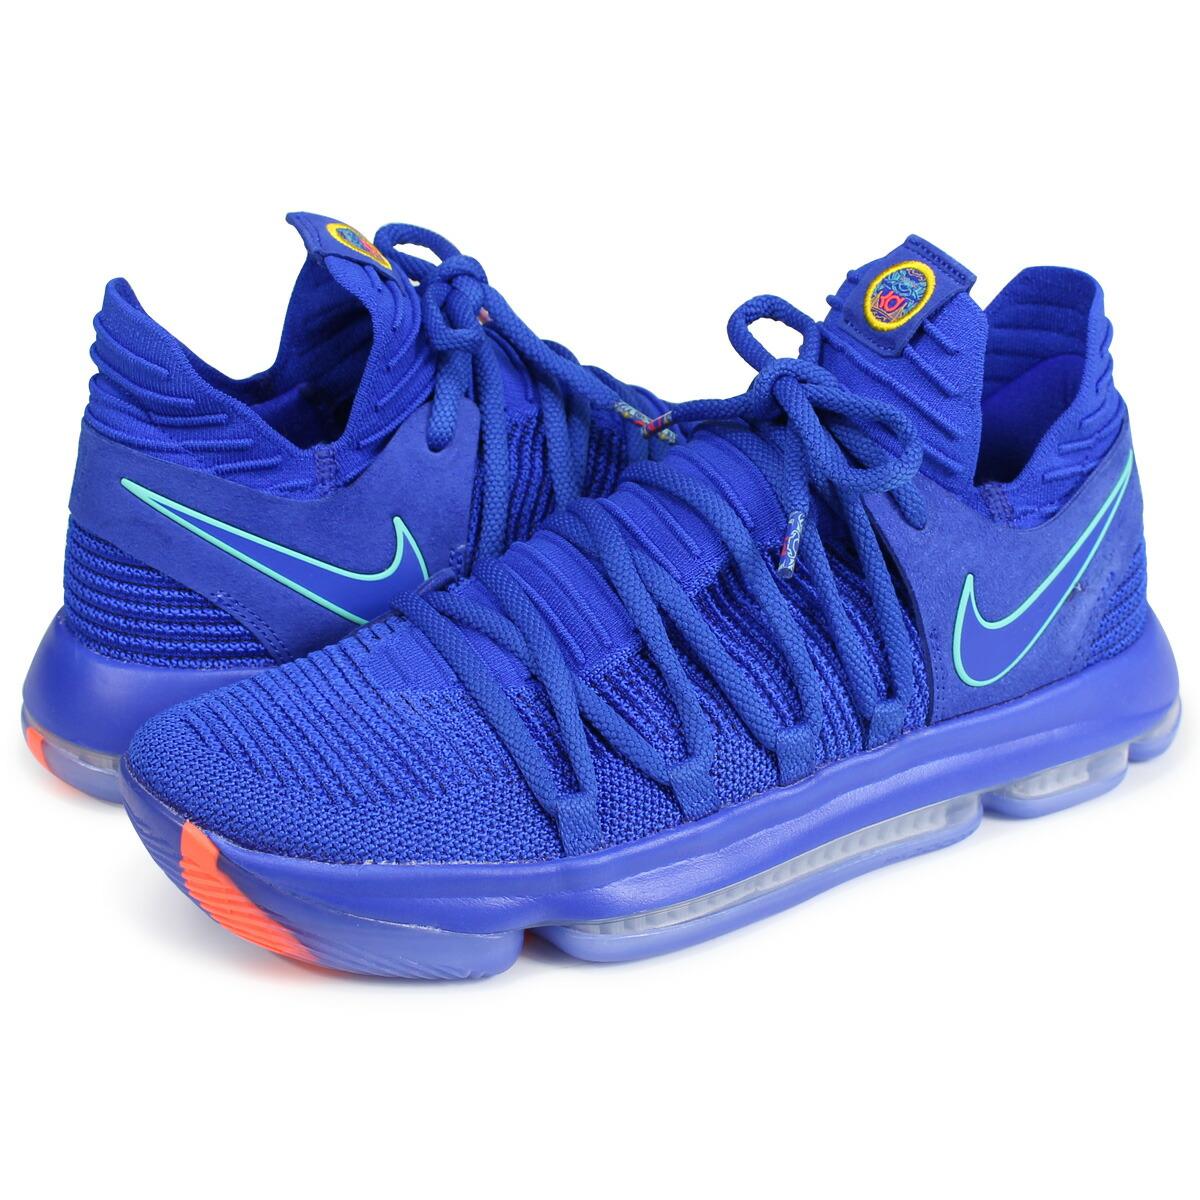 newest 2cf80 de716 NIKE ZOOM KD 10 Nike KD 10 sneakers men 897,816-402 Kevin Durant blue [187]